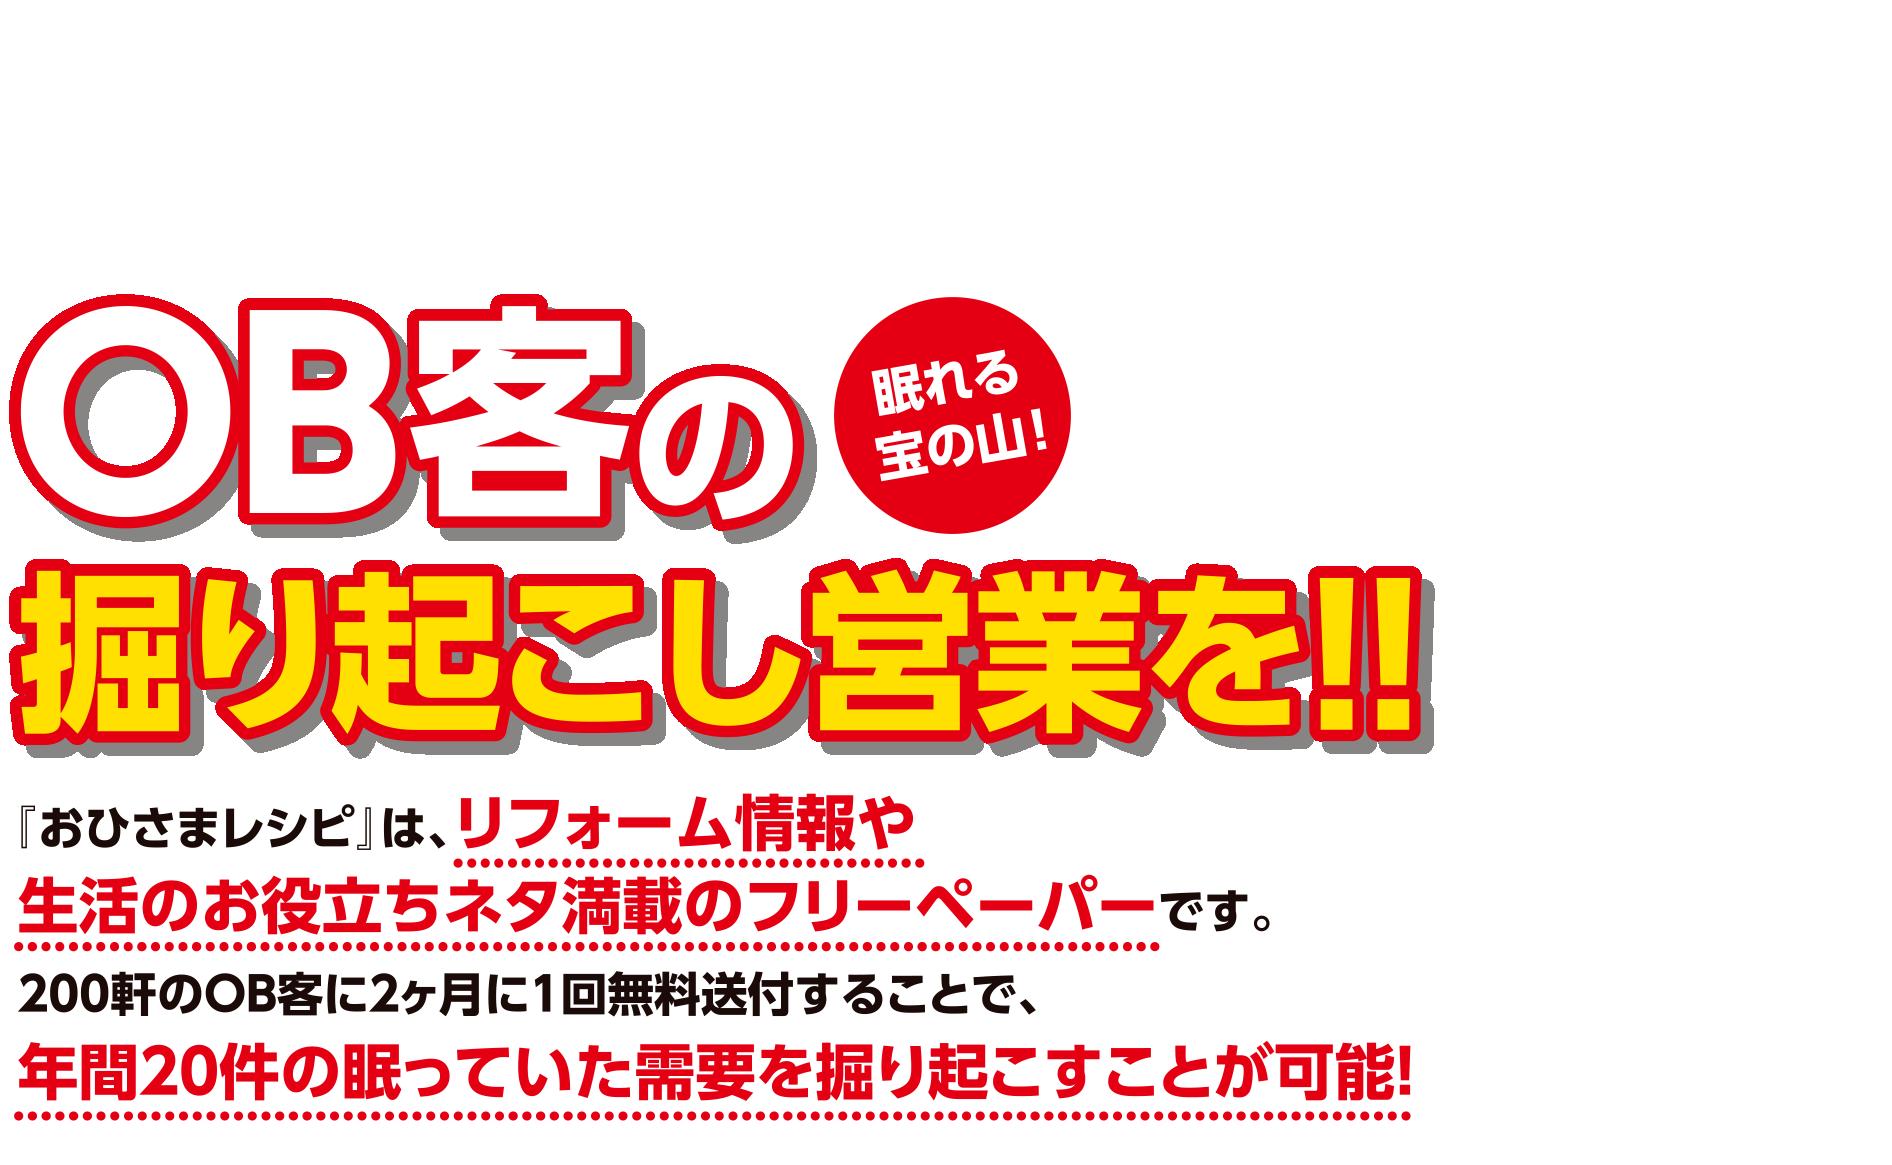 OB客の掘り起こし営業を!!